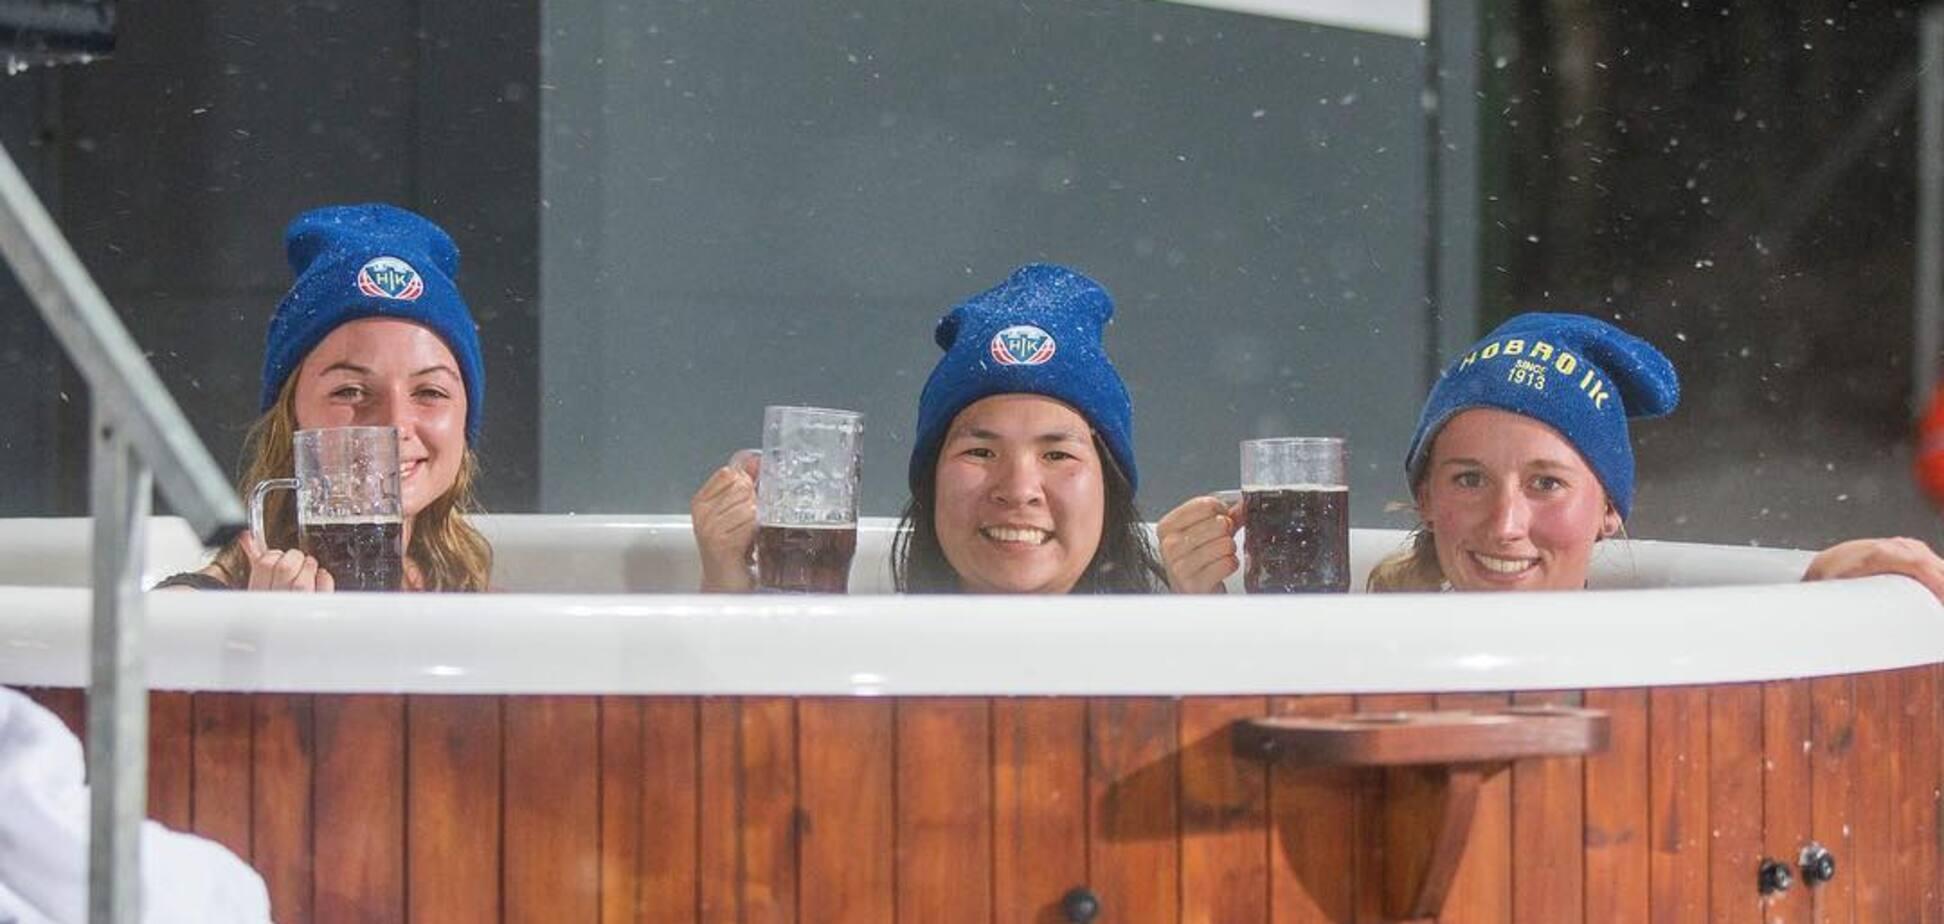 Джакузі з напівголими дівчатами: в Данії провели незвичайний матч зими: фотофакт